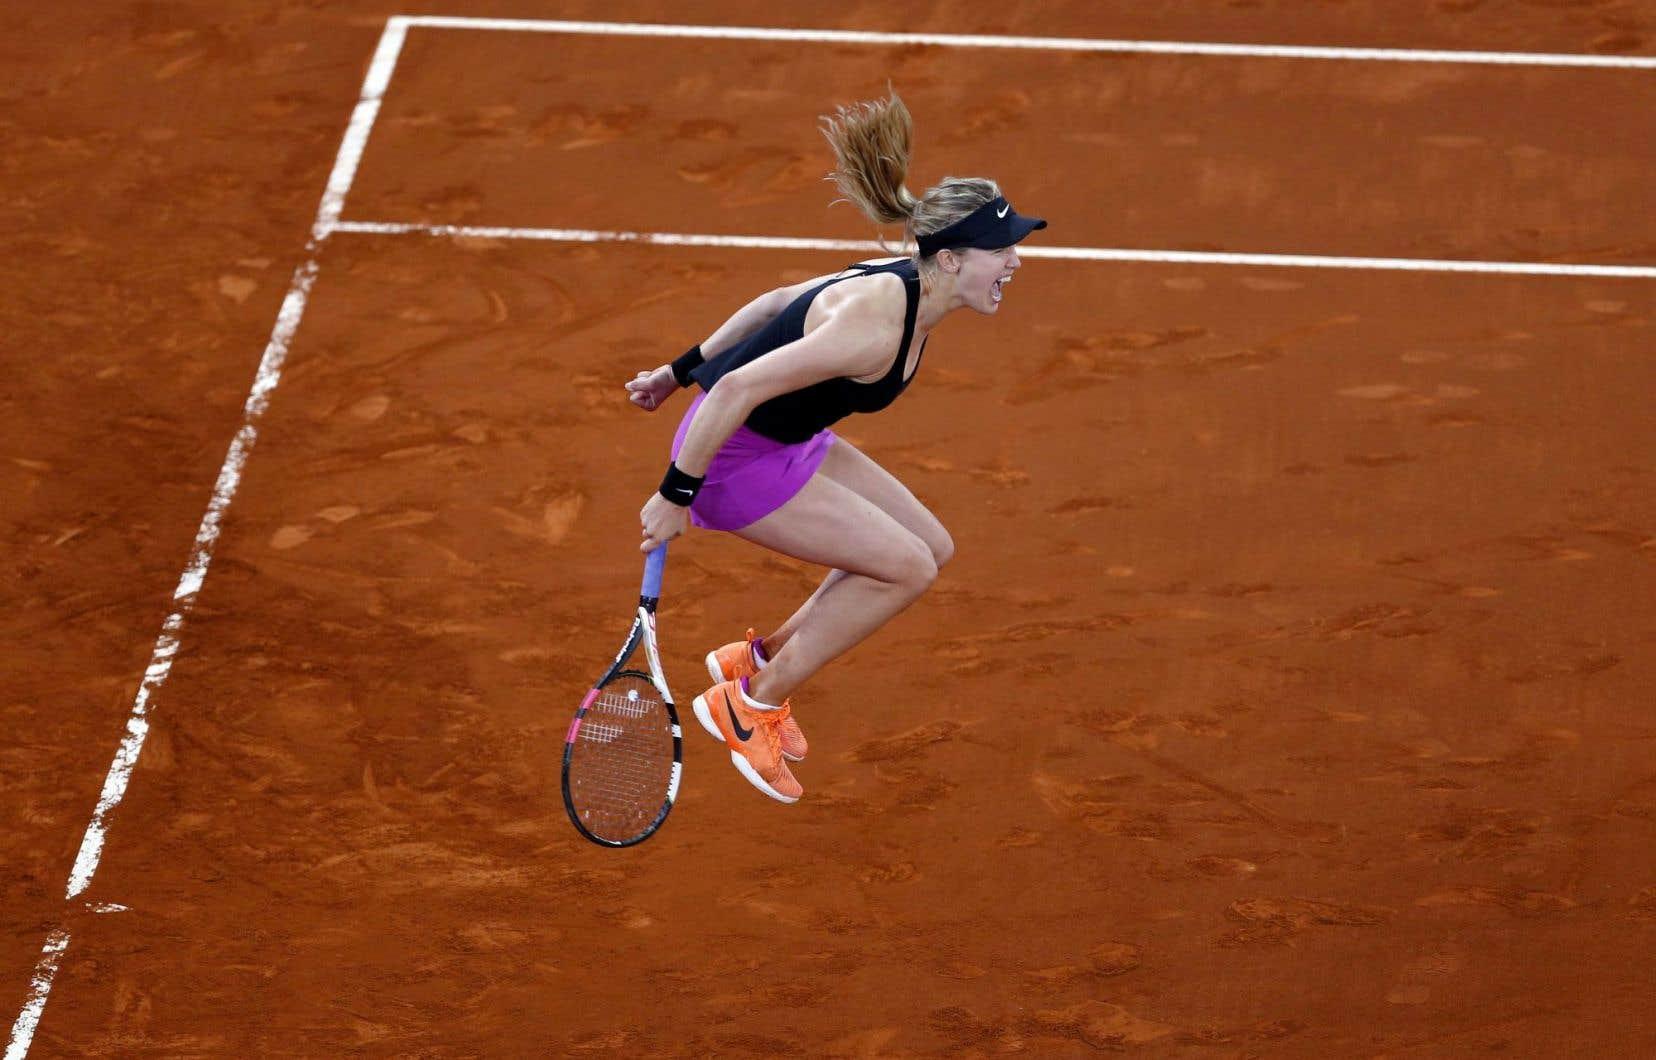 La Québécoise a mis fin au duel avec un coup droit en croisé en fond de court que Sharapova n'a pu récupérer.